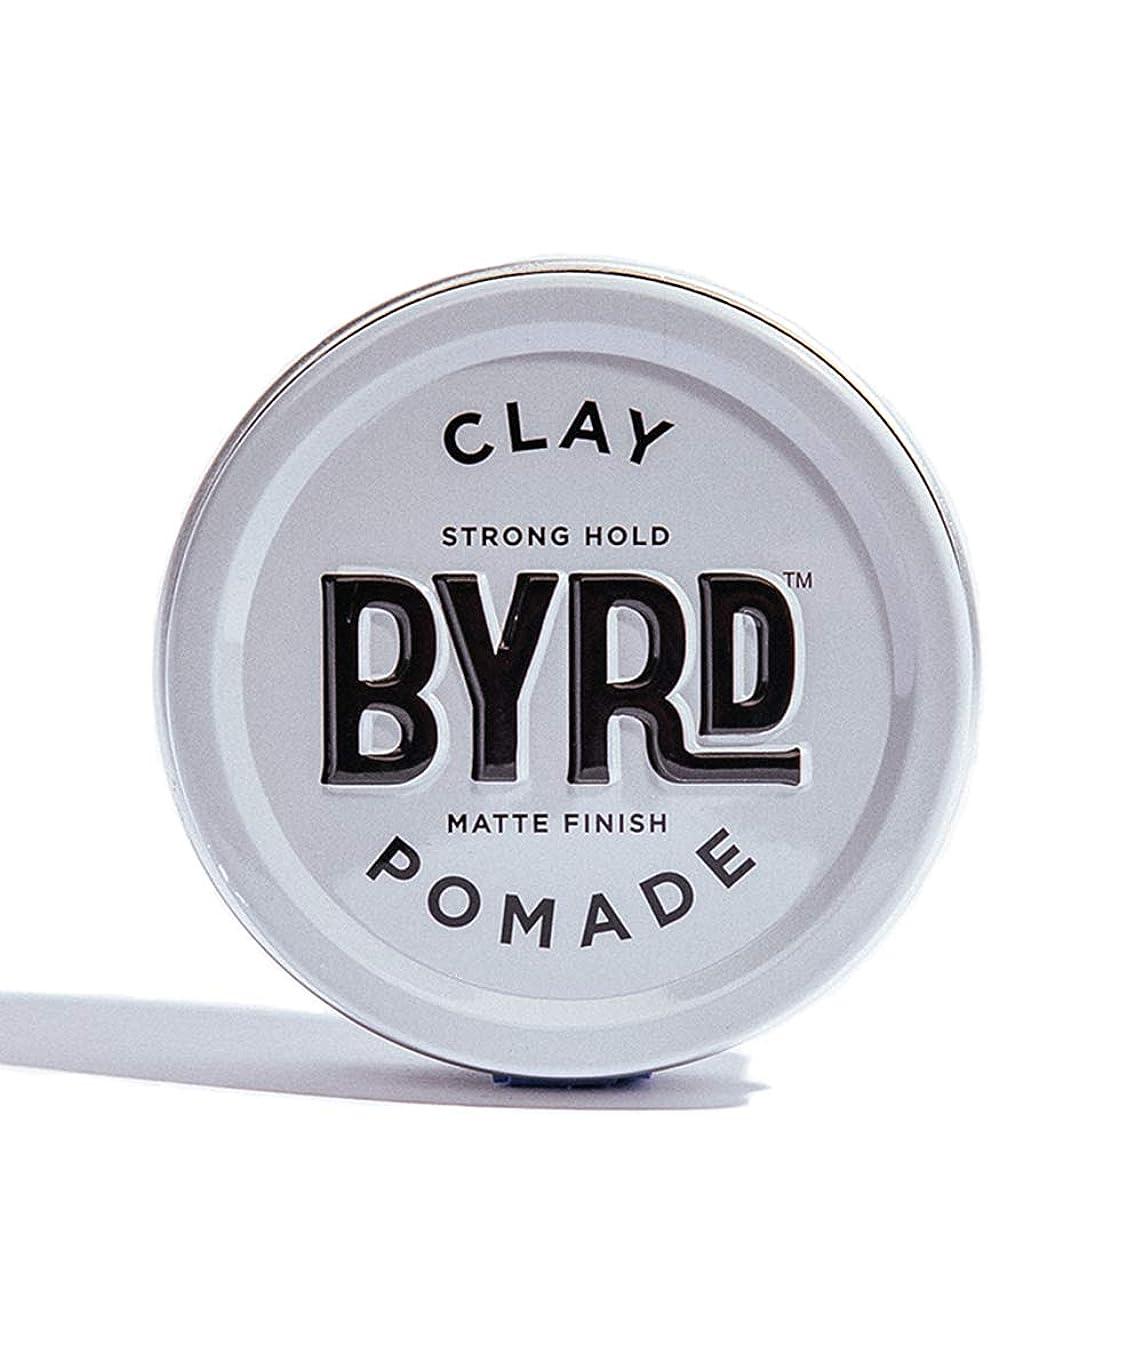 家族マスクやろうBYRD/クレイポマード 95g メンズコスメ ワックス ヘアスタイリング かっこいい モテ髪